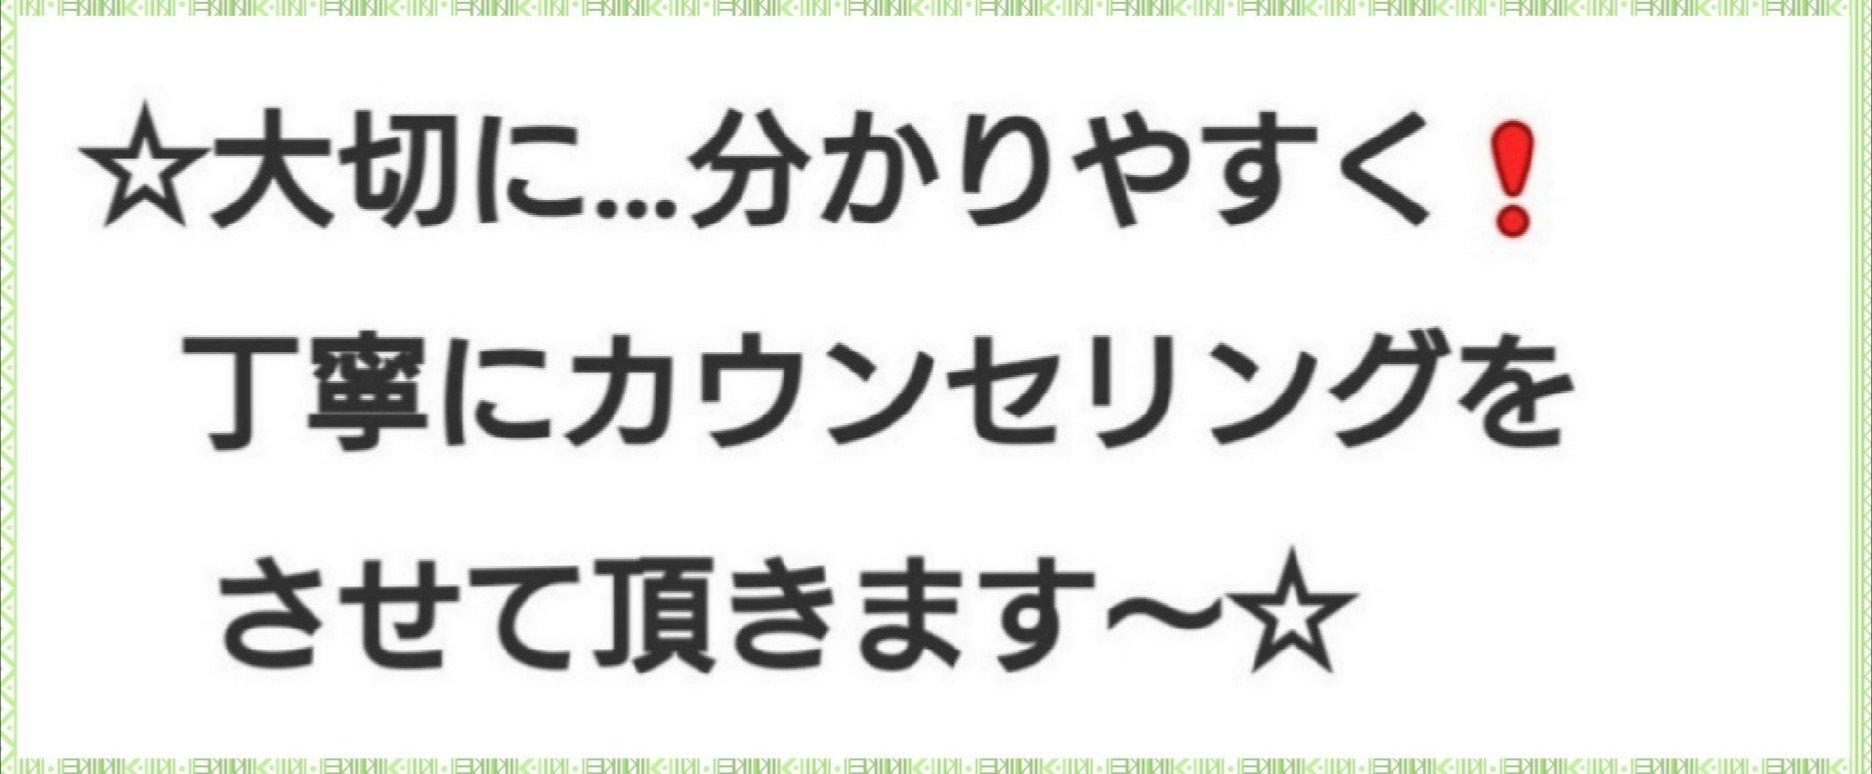 【アトピー・トラブル肌専門】必ず/綺麗な✨お肌になられます~☆